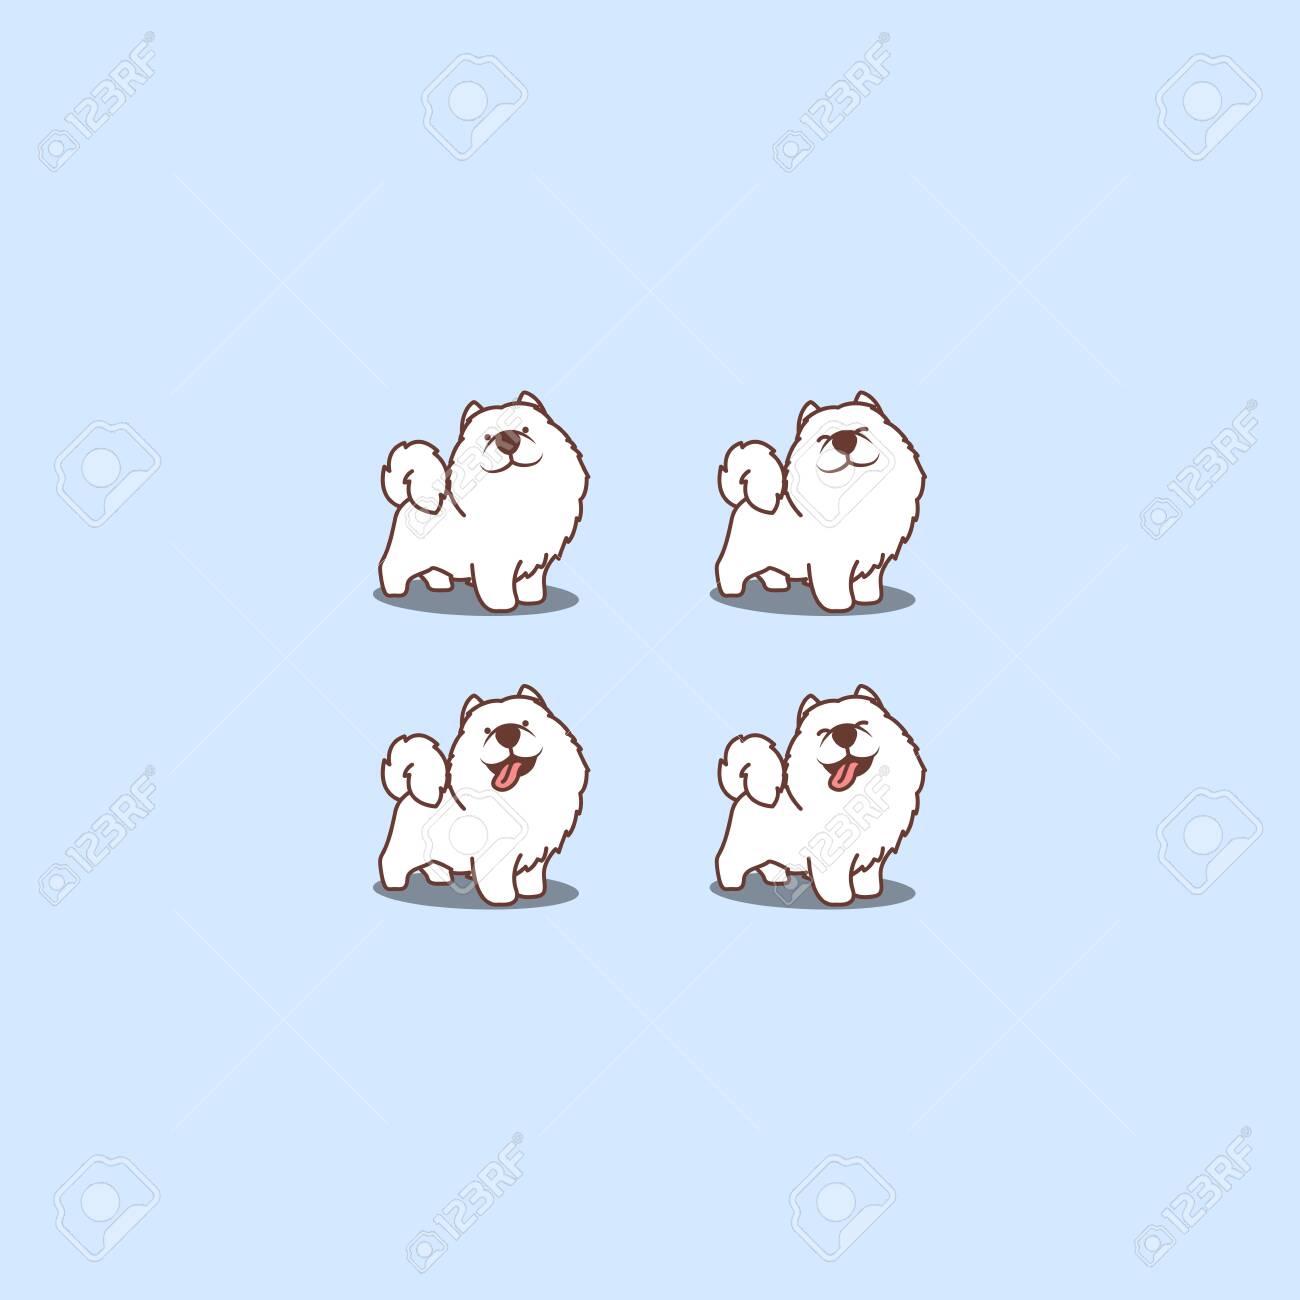 Cute Samoyed Dog Cartoon Set Vector Illustration Ilustraciones Vectoriales Clip Art Vectorizado Libre De Derechos Image 148232872